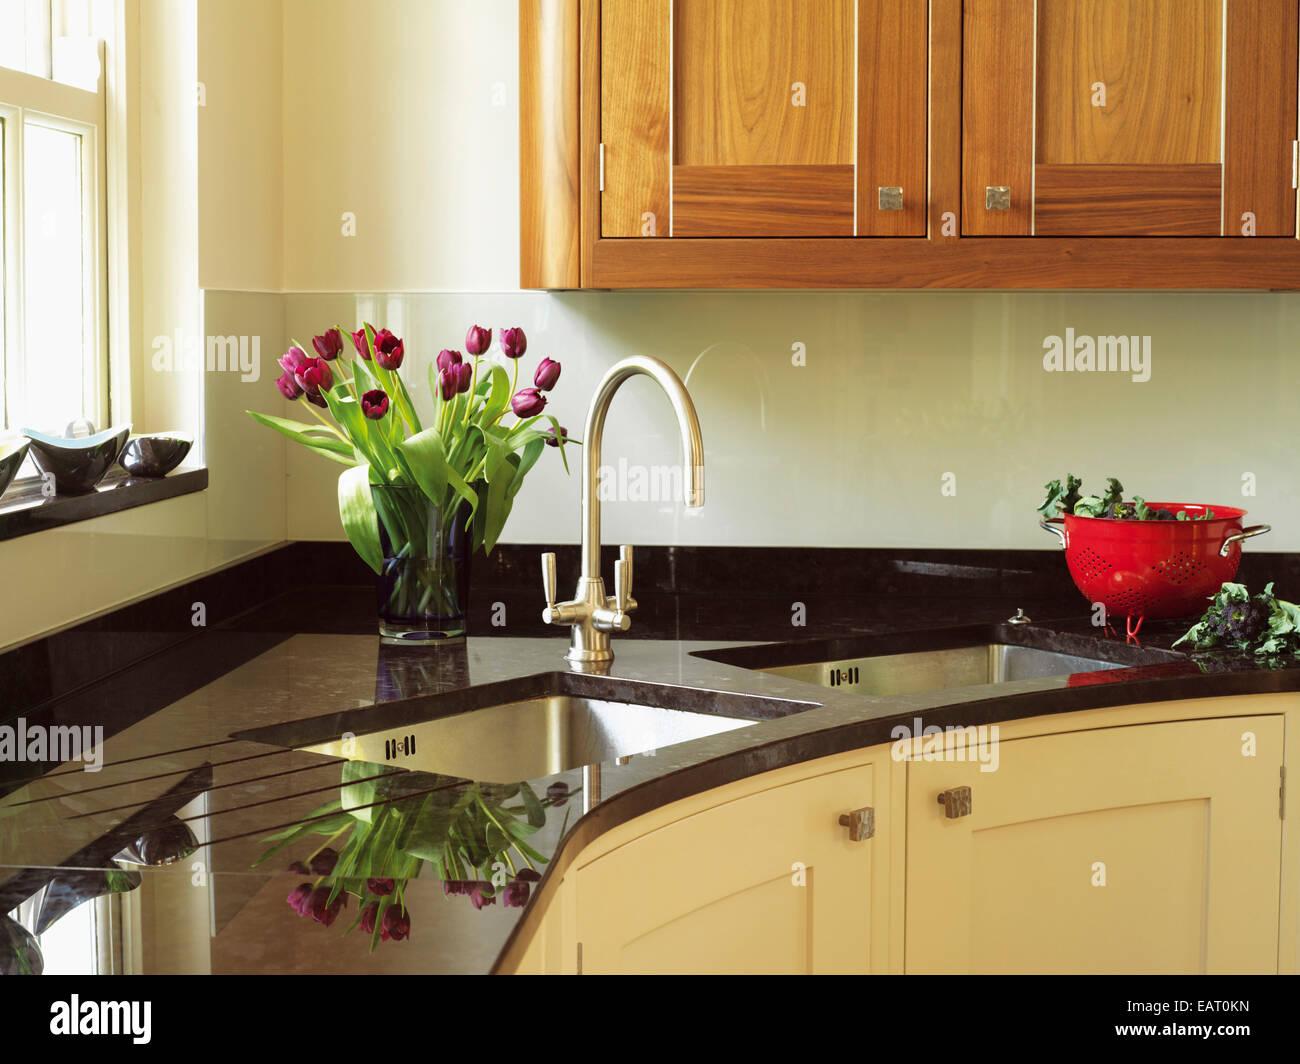 Doppel waschbecken fur kuche for Granit waschbecken kuche